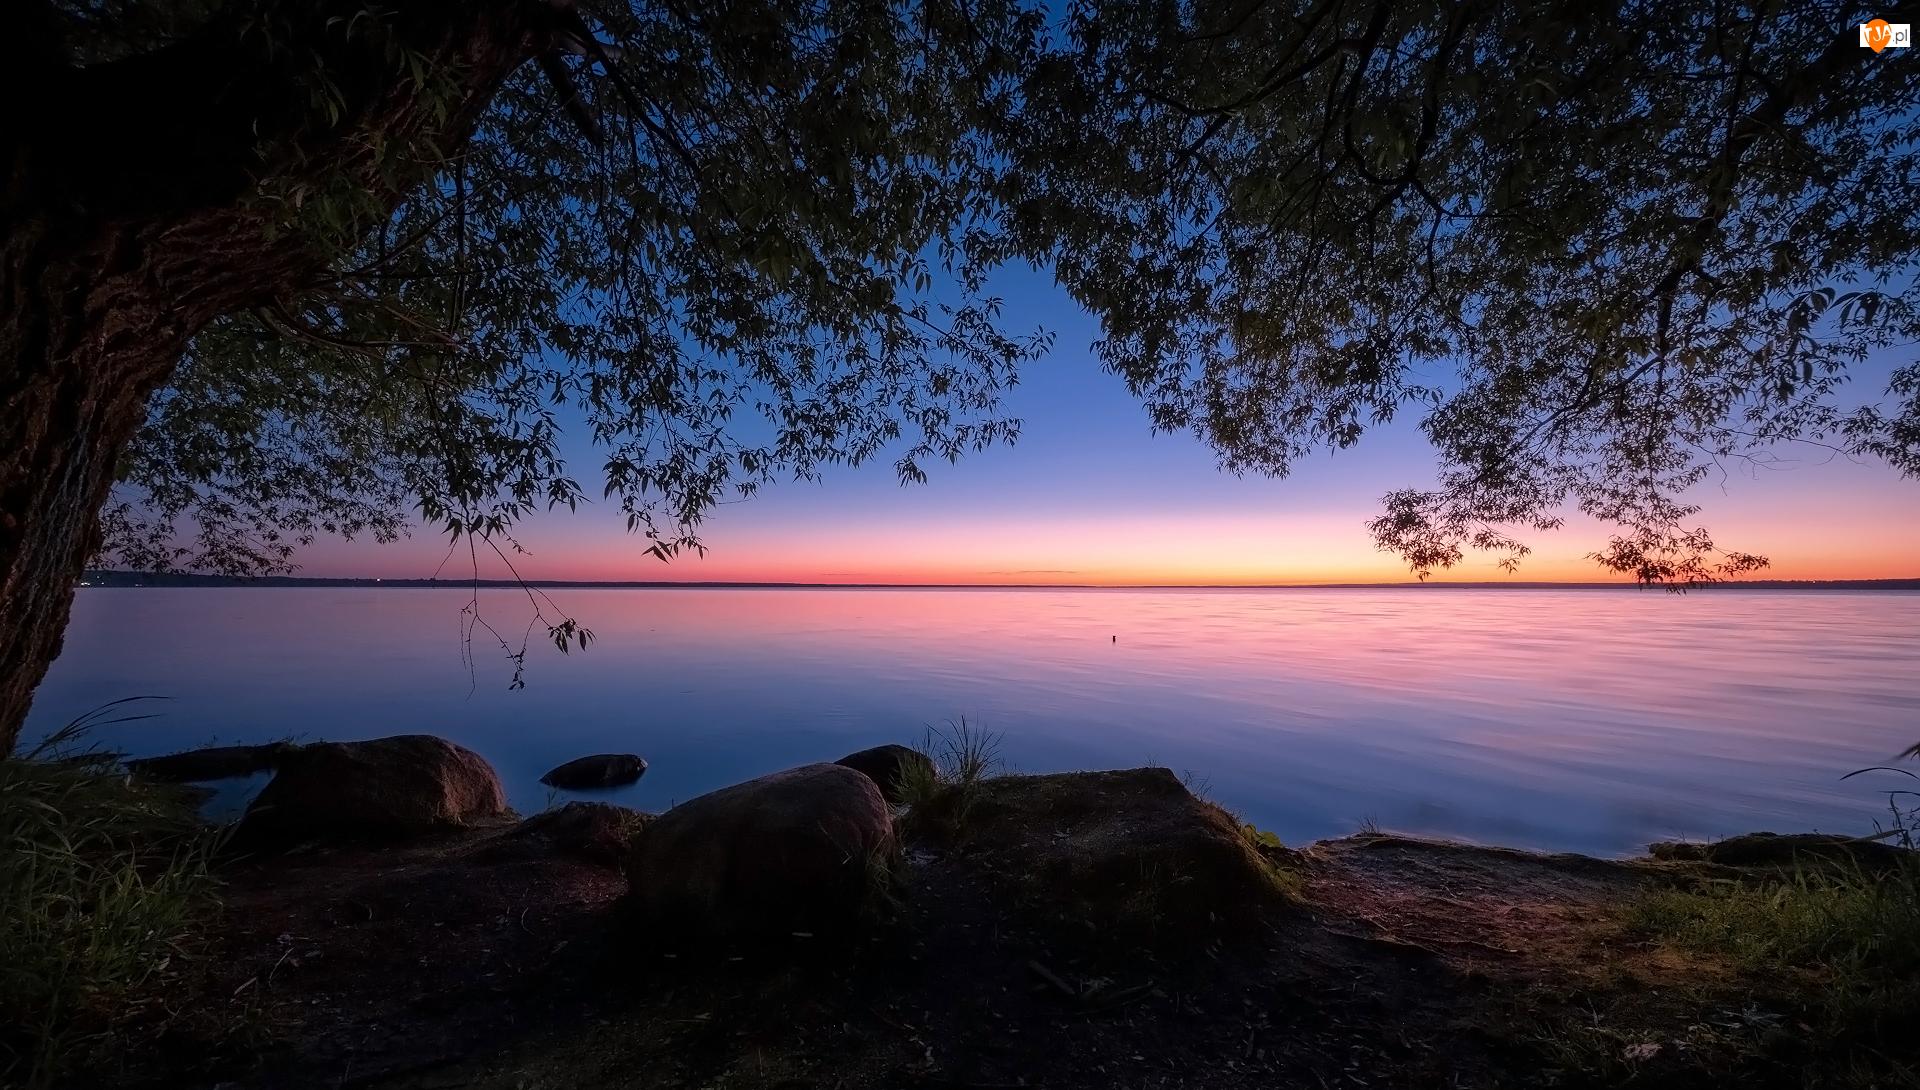 Zachód słońca, Jezioro, Drzewo, Kamienie